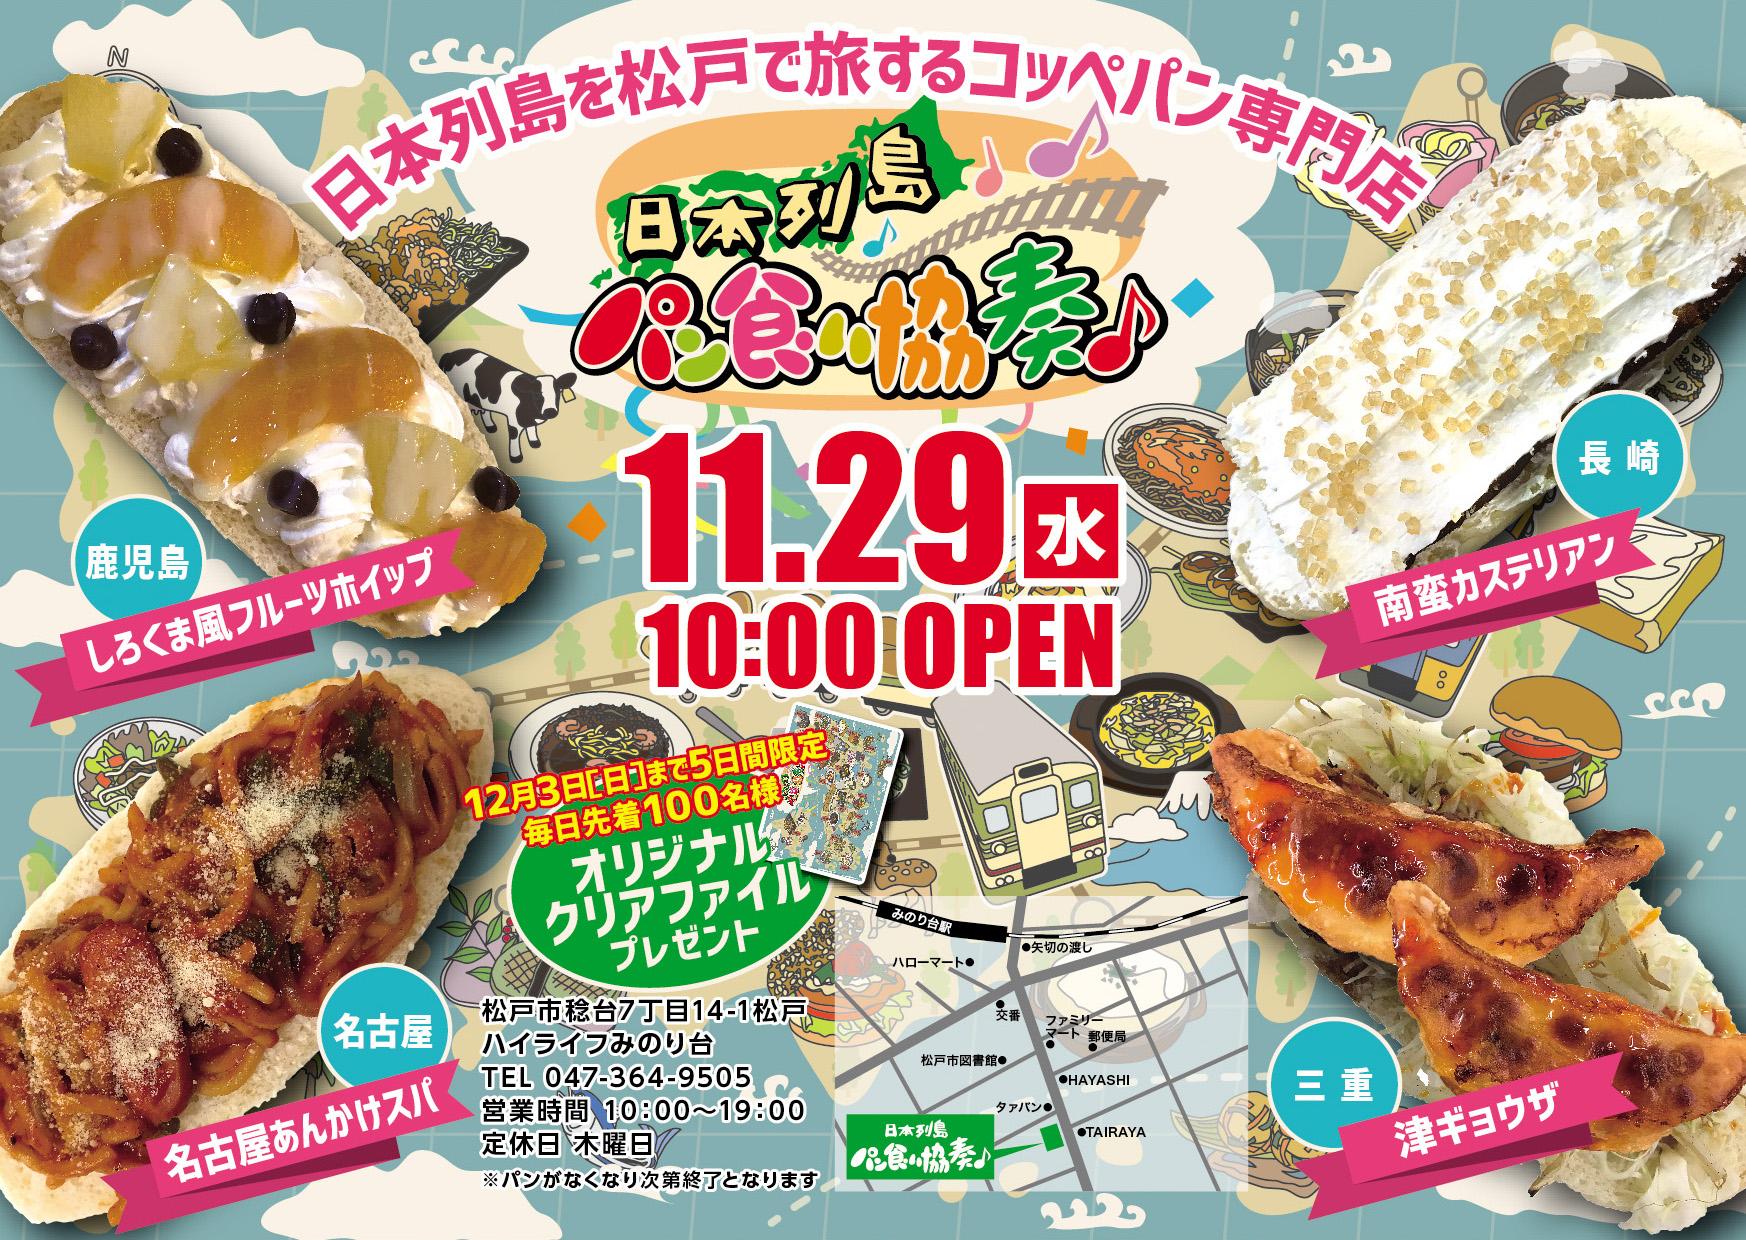 日本列島を松戸で旅するコッペパン専門店 日本列島パン食い協演